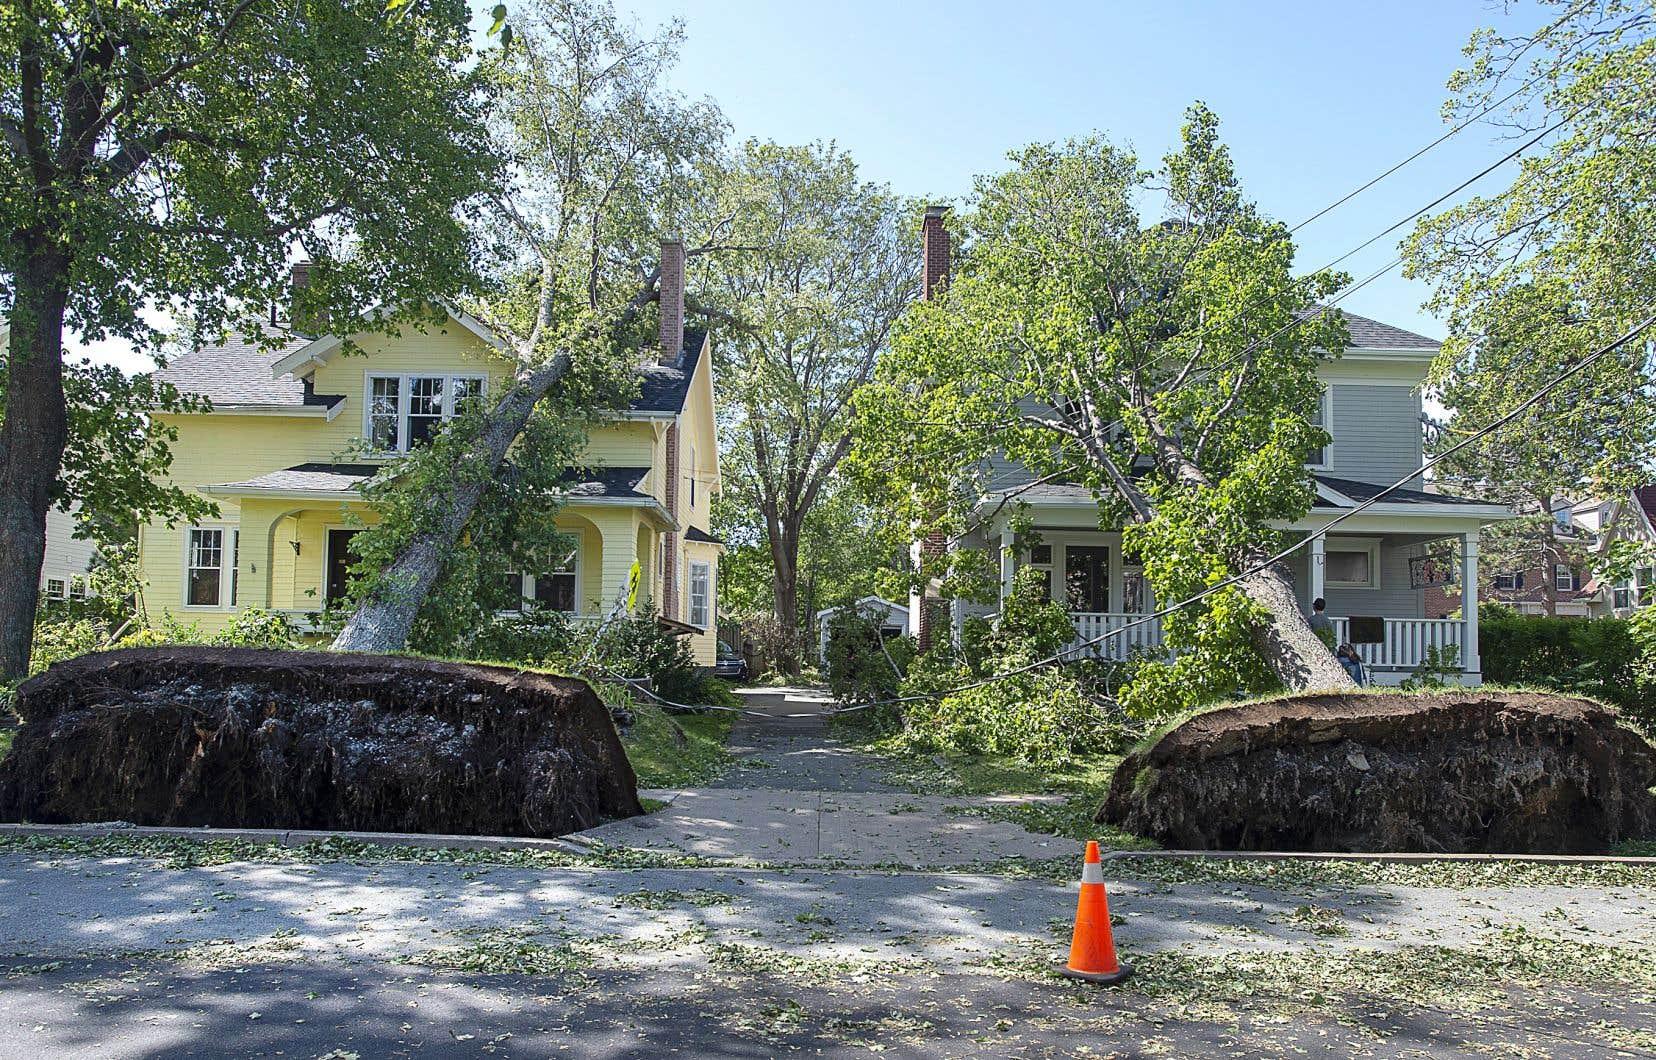 À Halifax, des arbres déracinés se sont écrasés sur des maisons, sans faire de blessés graves.